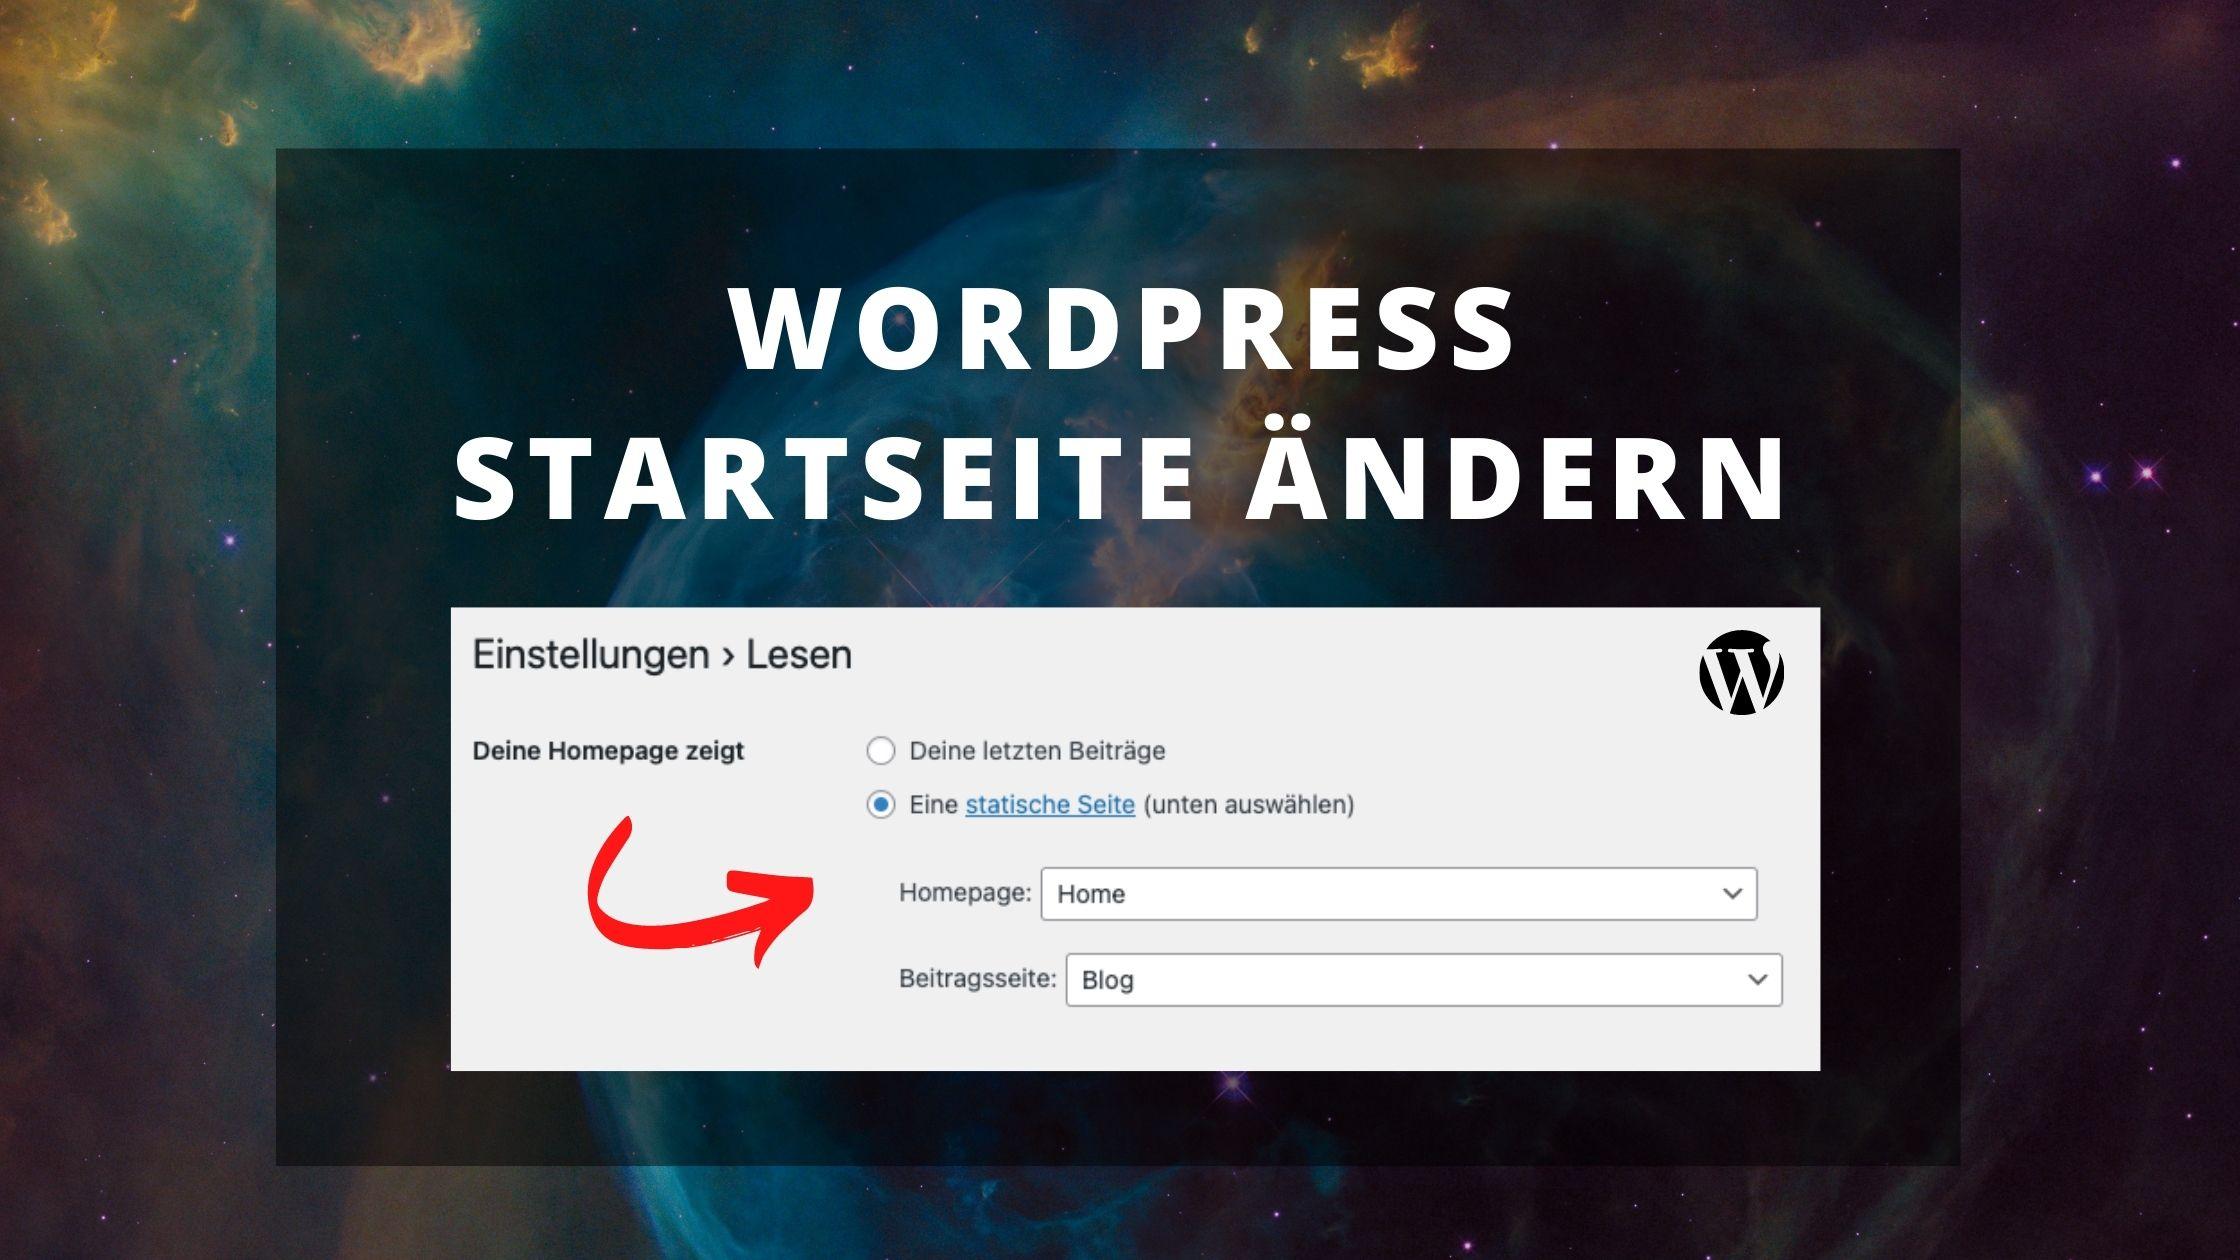 WordPress Startseite ändern